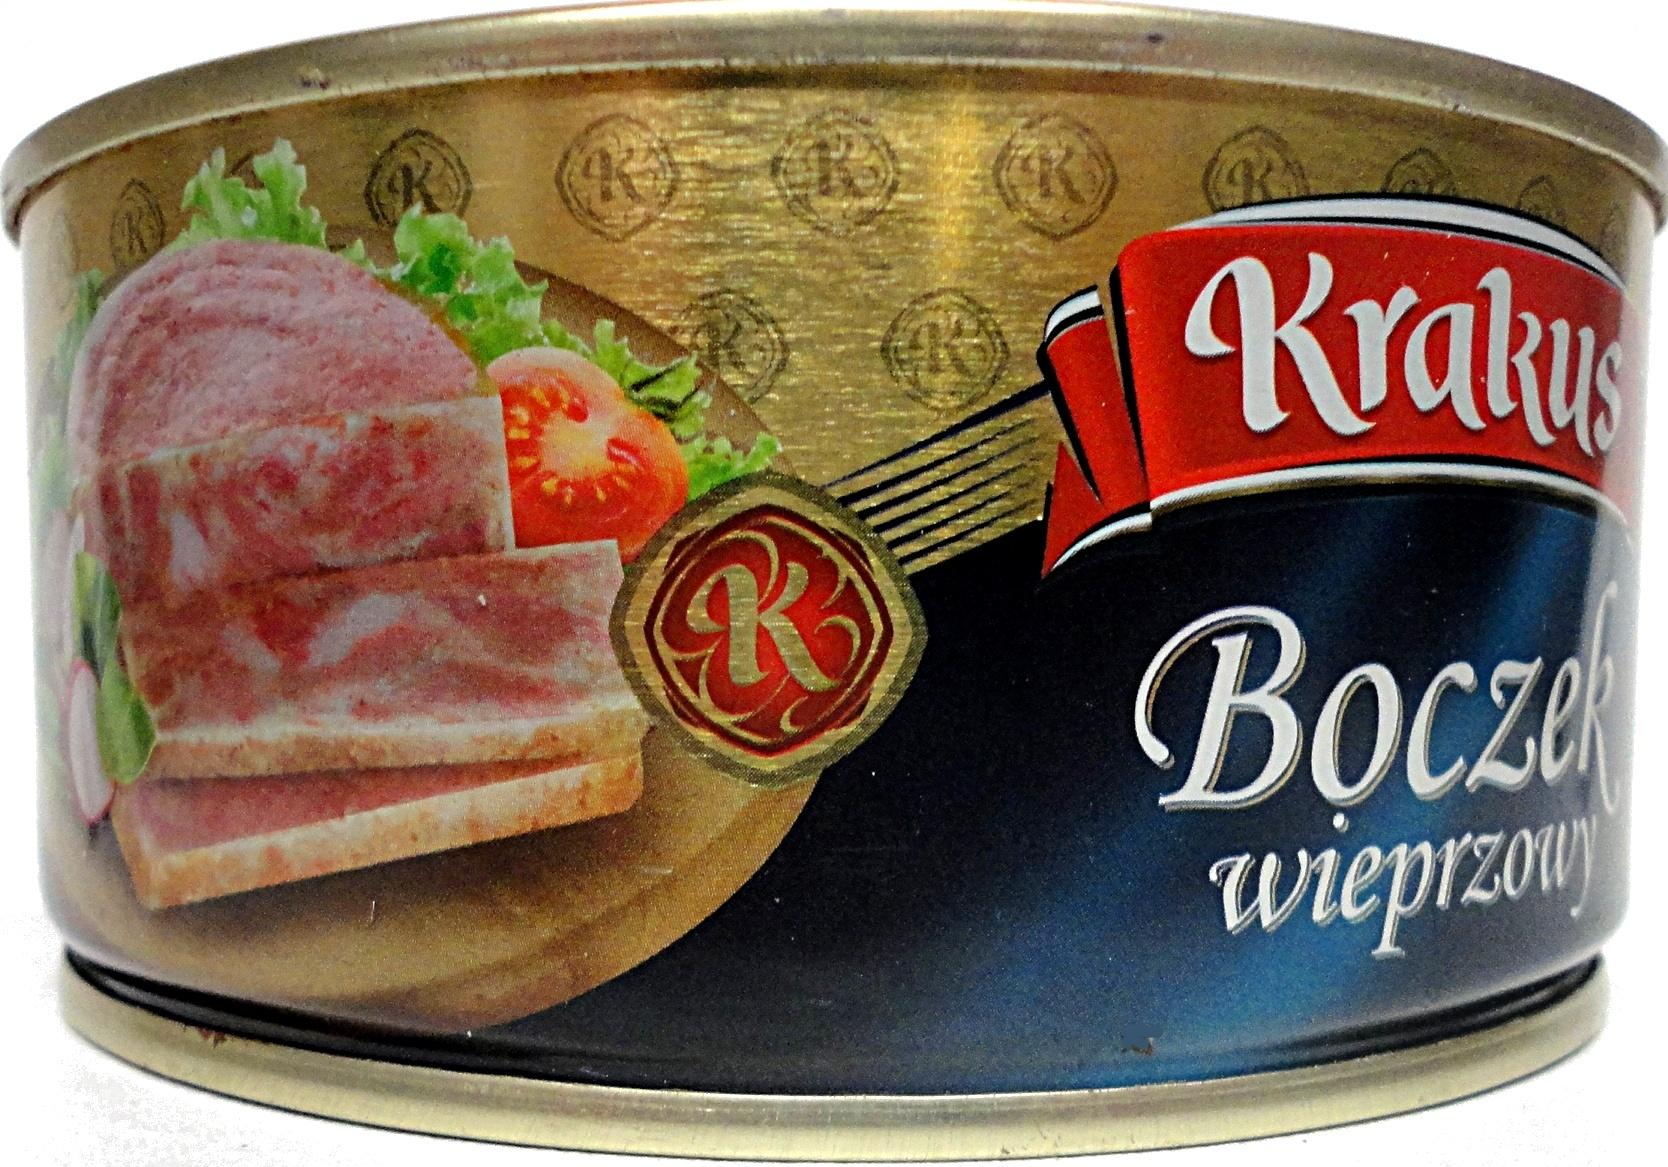 Boczek wieprzowy - Product - pl